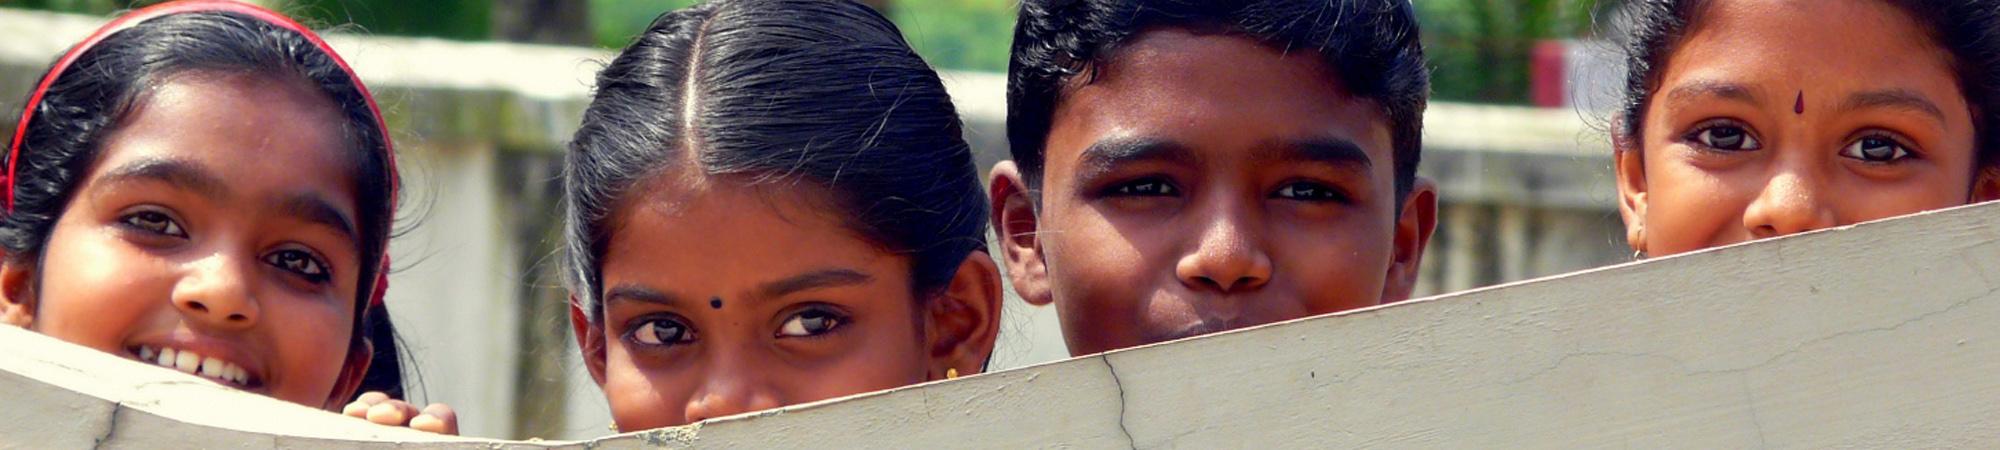 Kinder_Indien